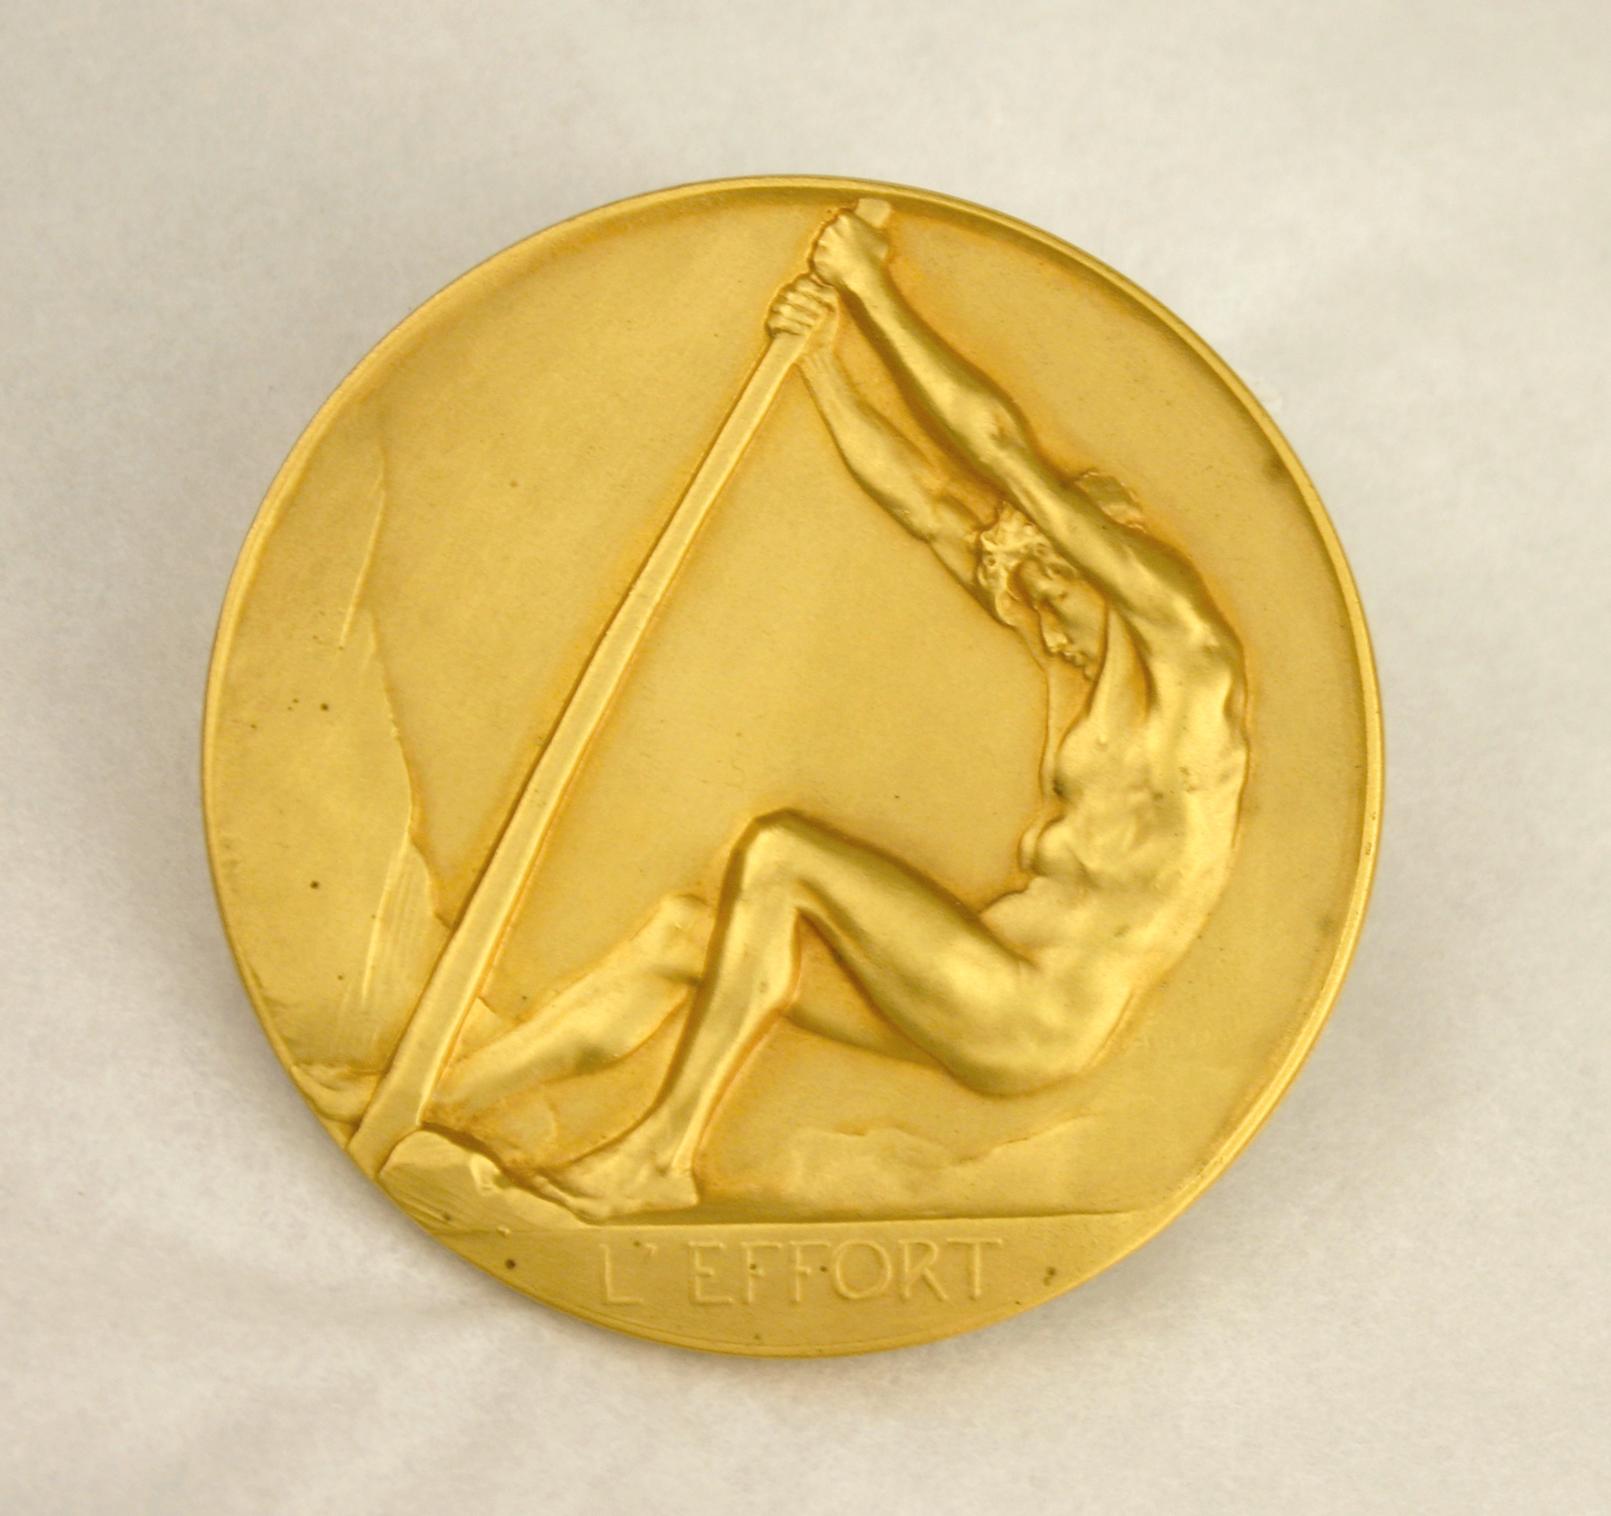 """Guldmedalj med en naken man som bänder med en hävstång. Under honom finns texten """"l'effort""""."""